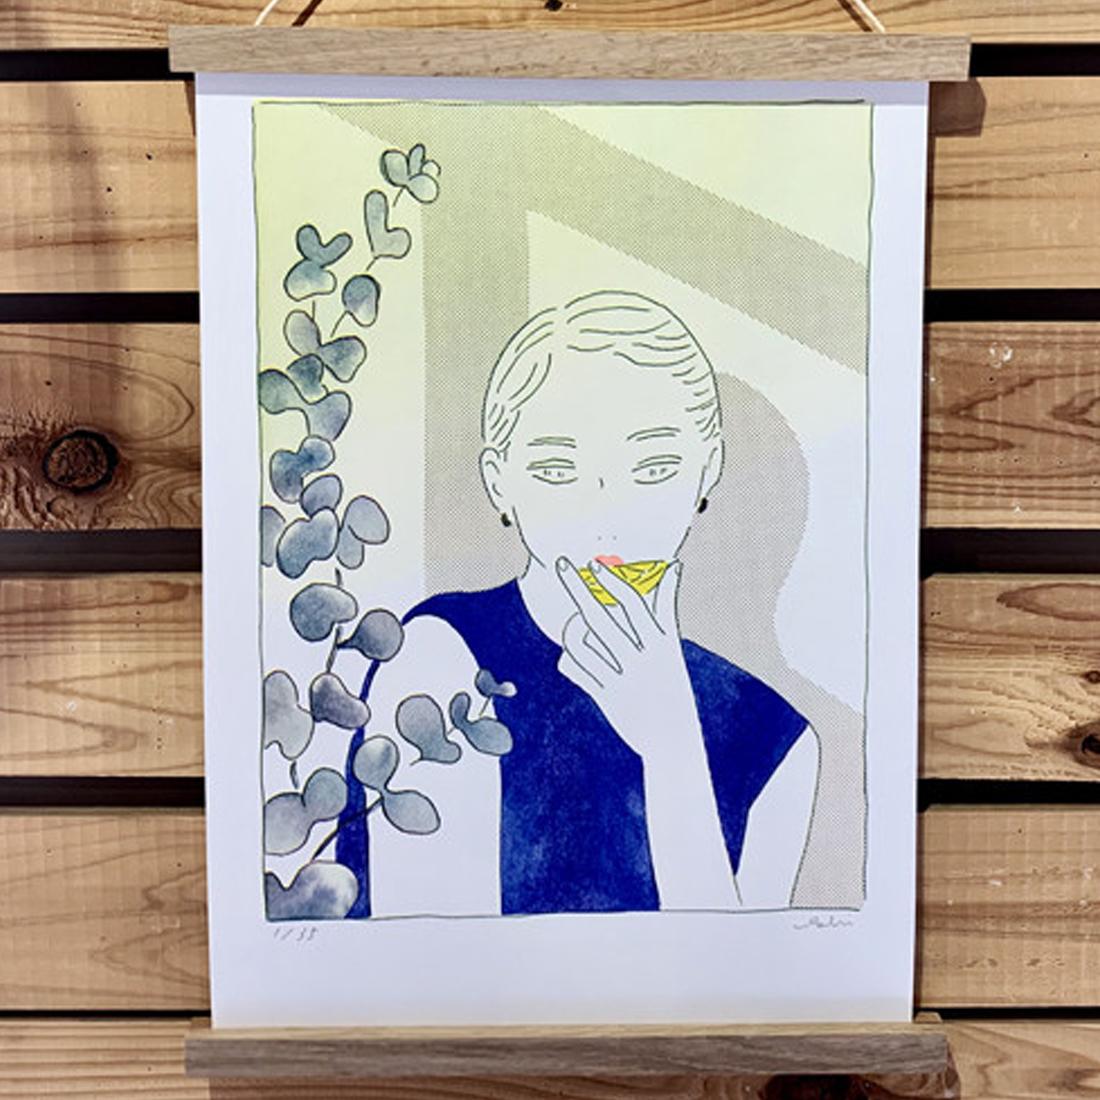 リソグラフ作品「レモン×ユーカリ」